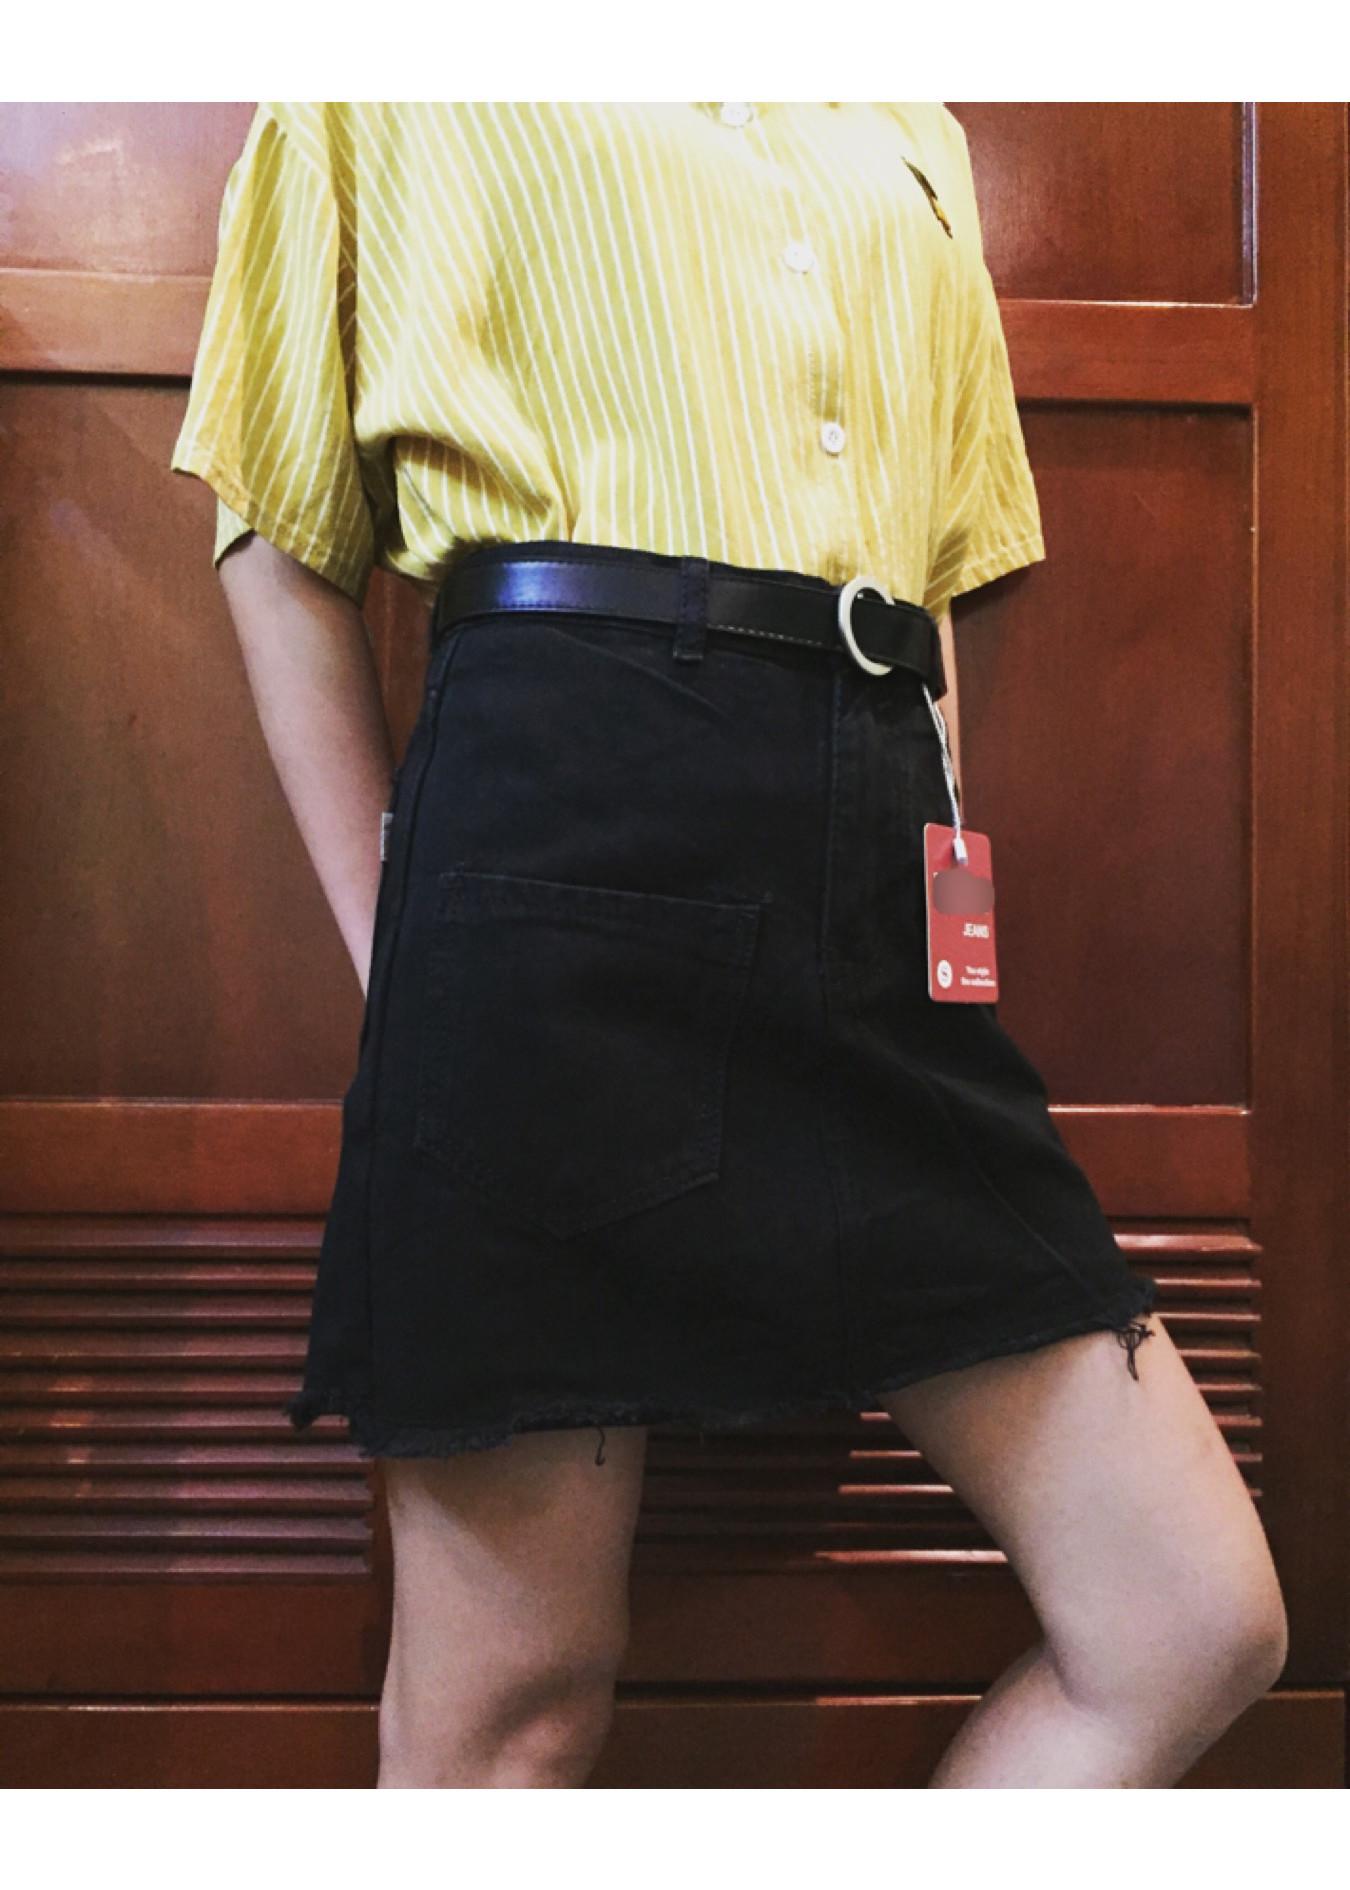 5643402867816 - Chân Váy Jean Trơn Đen-Trắng